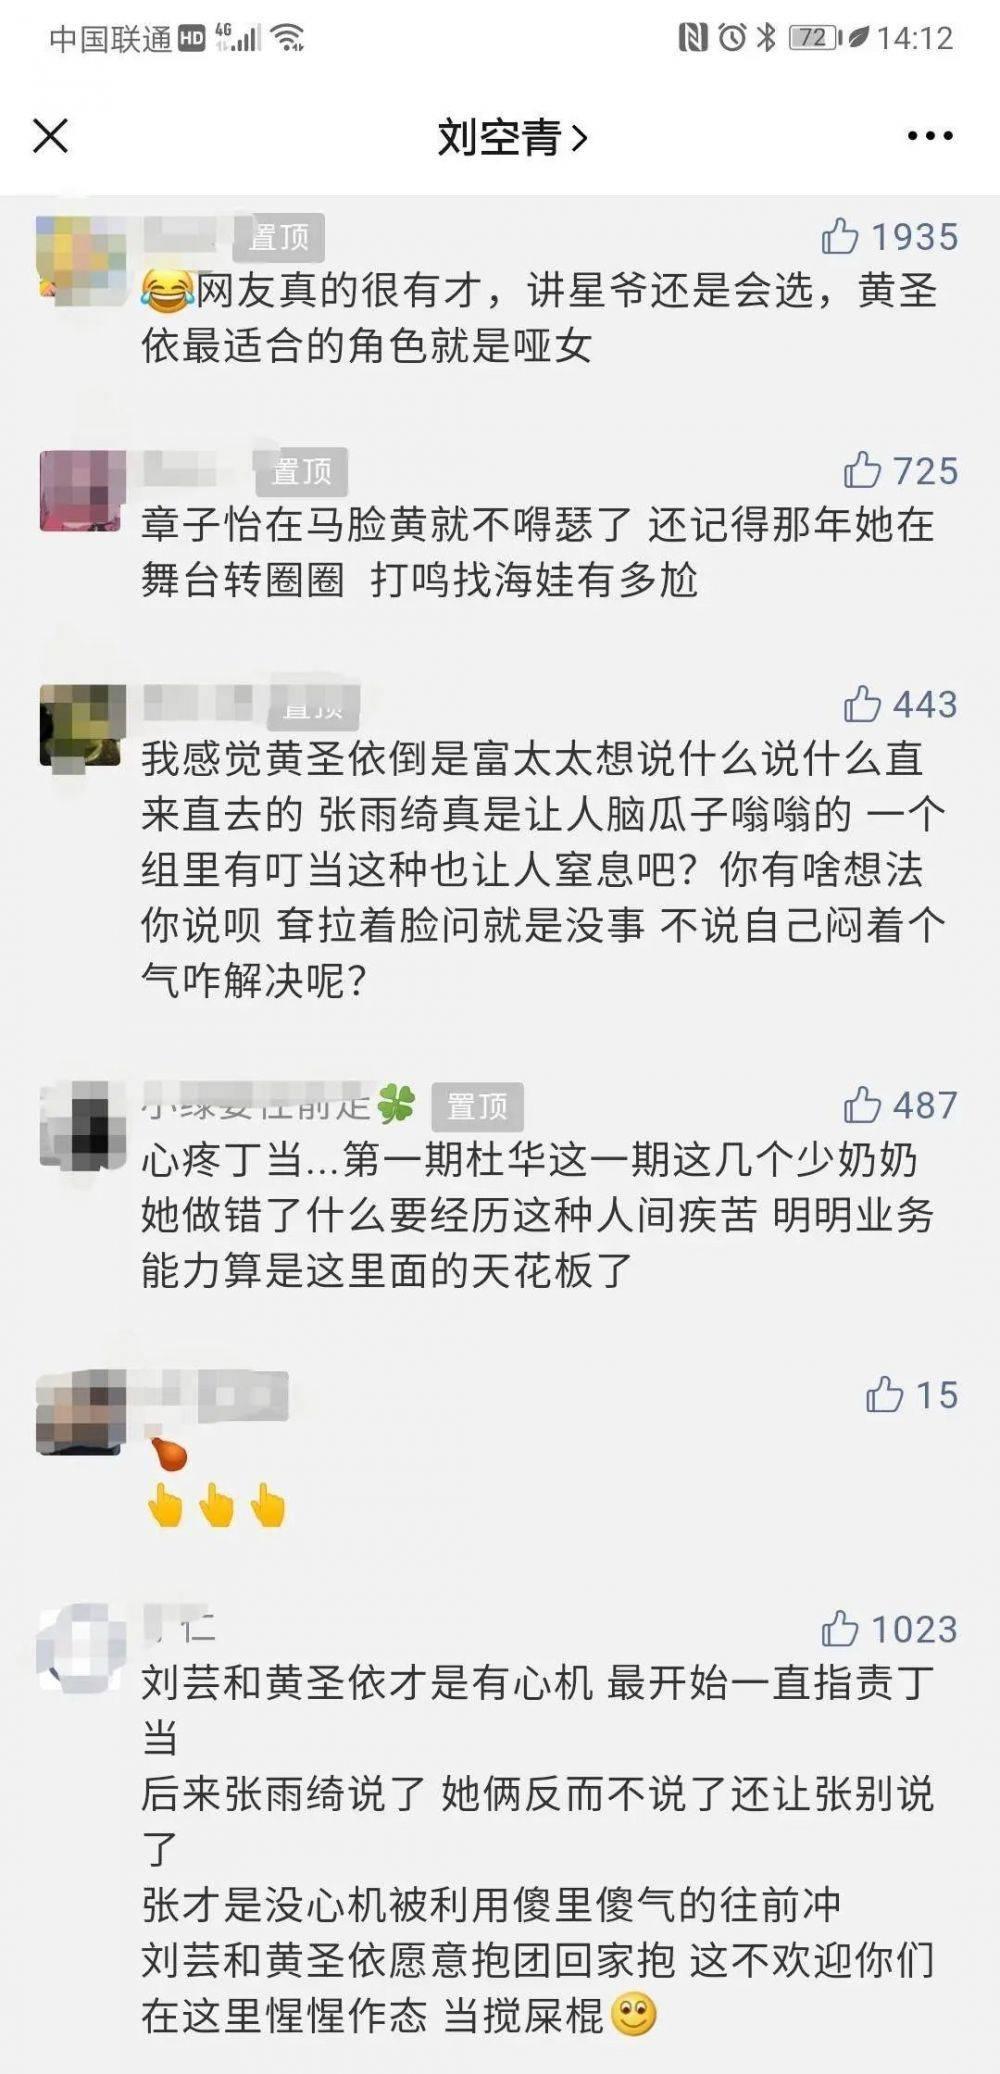 姐姐乘风破浪,妹妹焦虑爆哭,新媒体人写了上百篇10w+……-第15张图片-周小辉<a href='https://www.zhouxiaohui.cn/duanshipin/'>短视频</a>培训博客